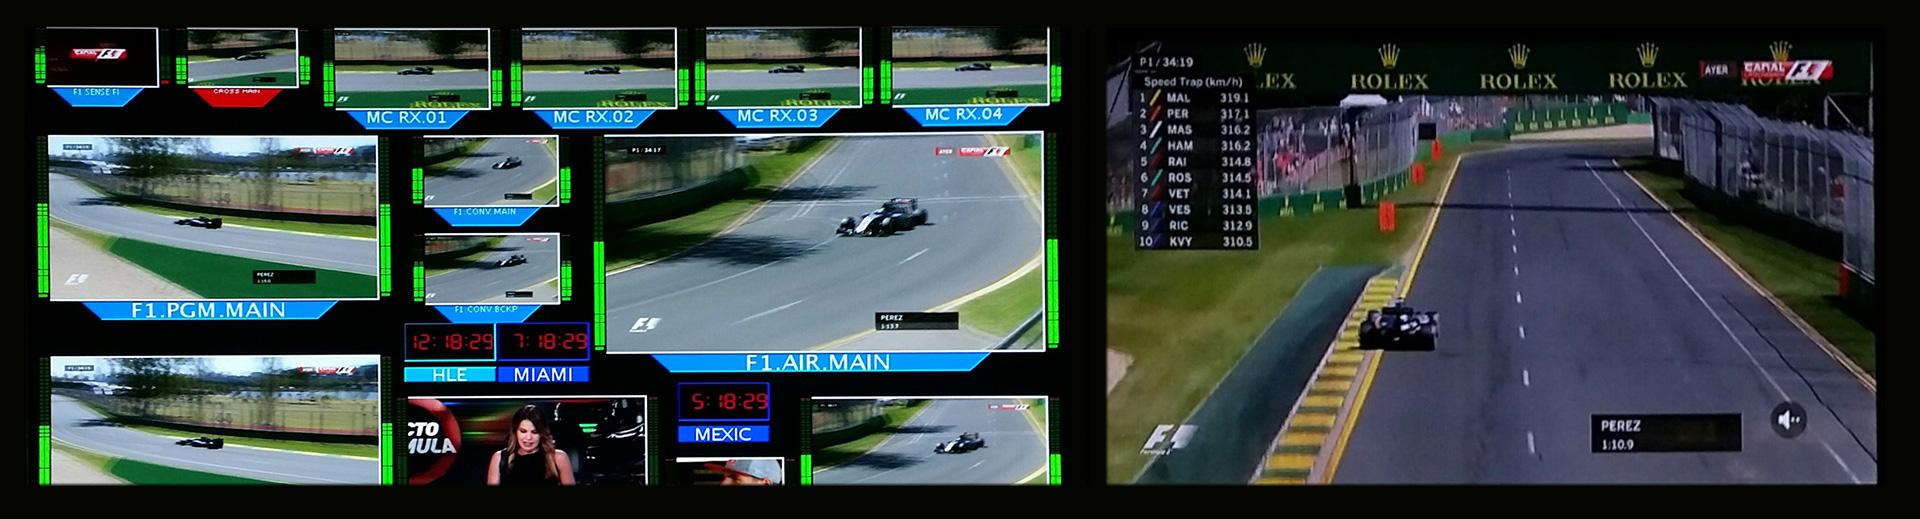 Mediapro utiliza soluciones de EVS para aumentar la capacidad de producción de su nuevo canal F1